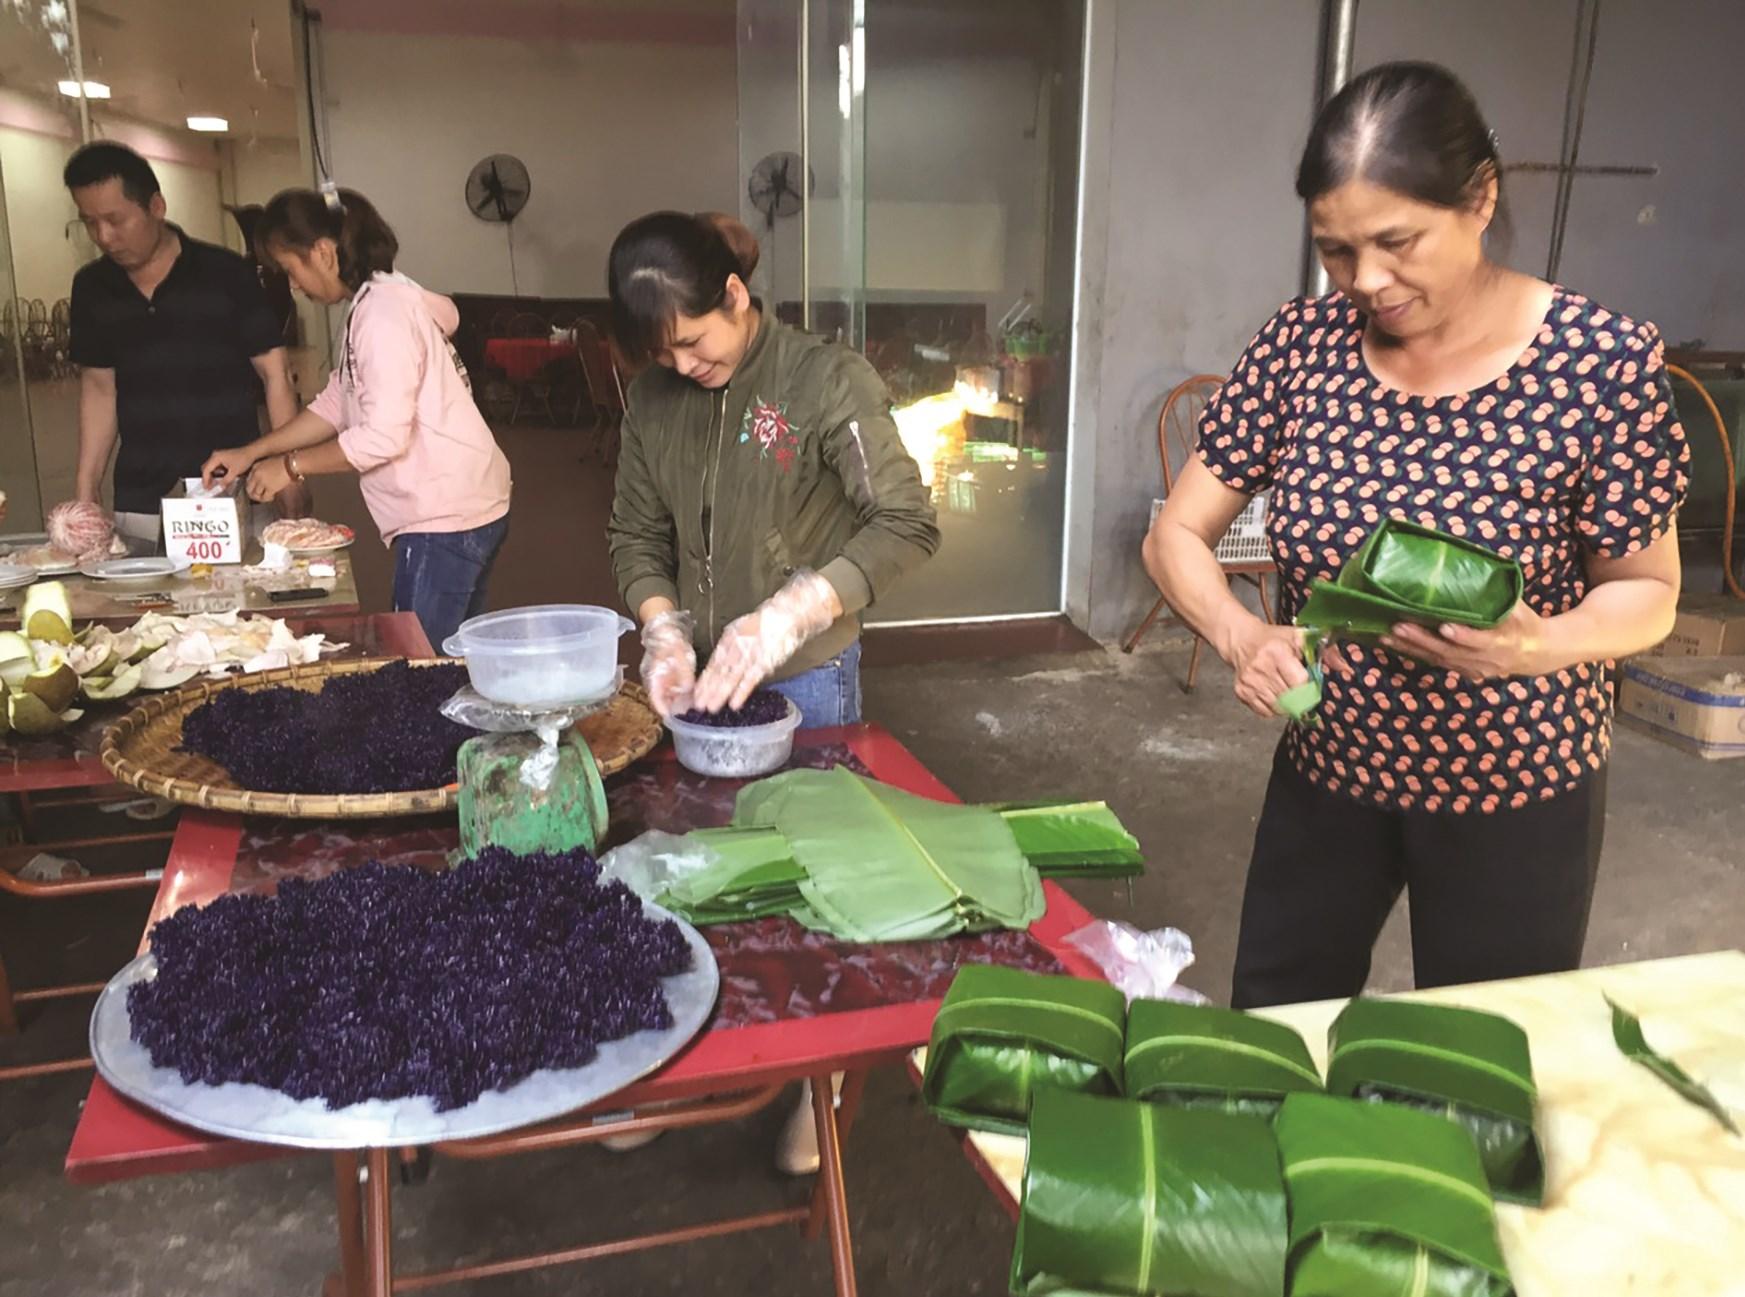 Bánh chưng đen - ẩm thực độc đáo ở Bắc Sơn